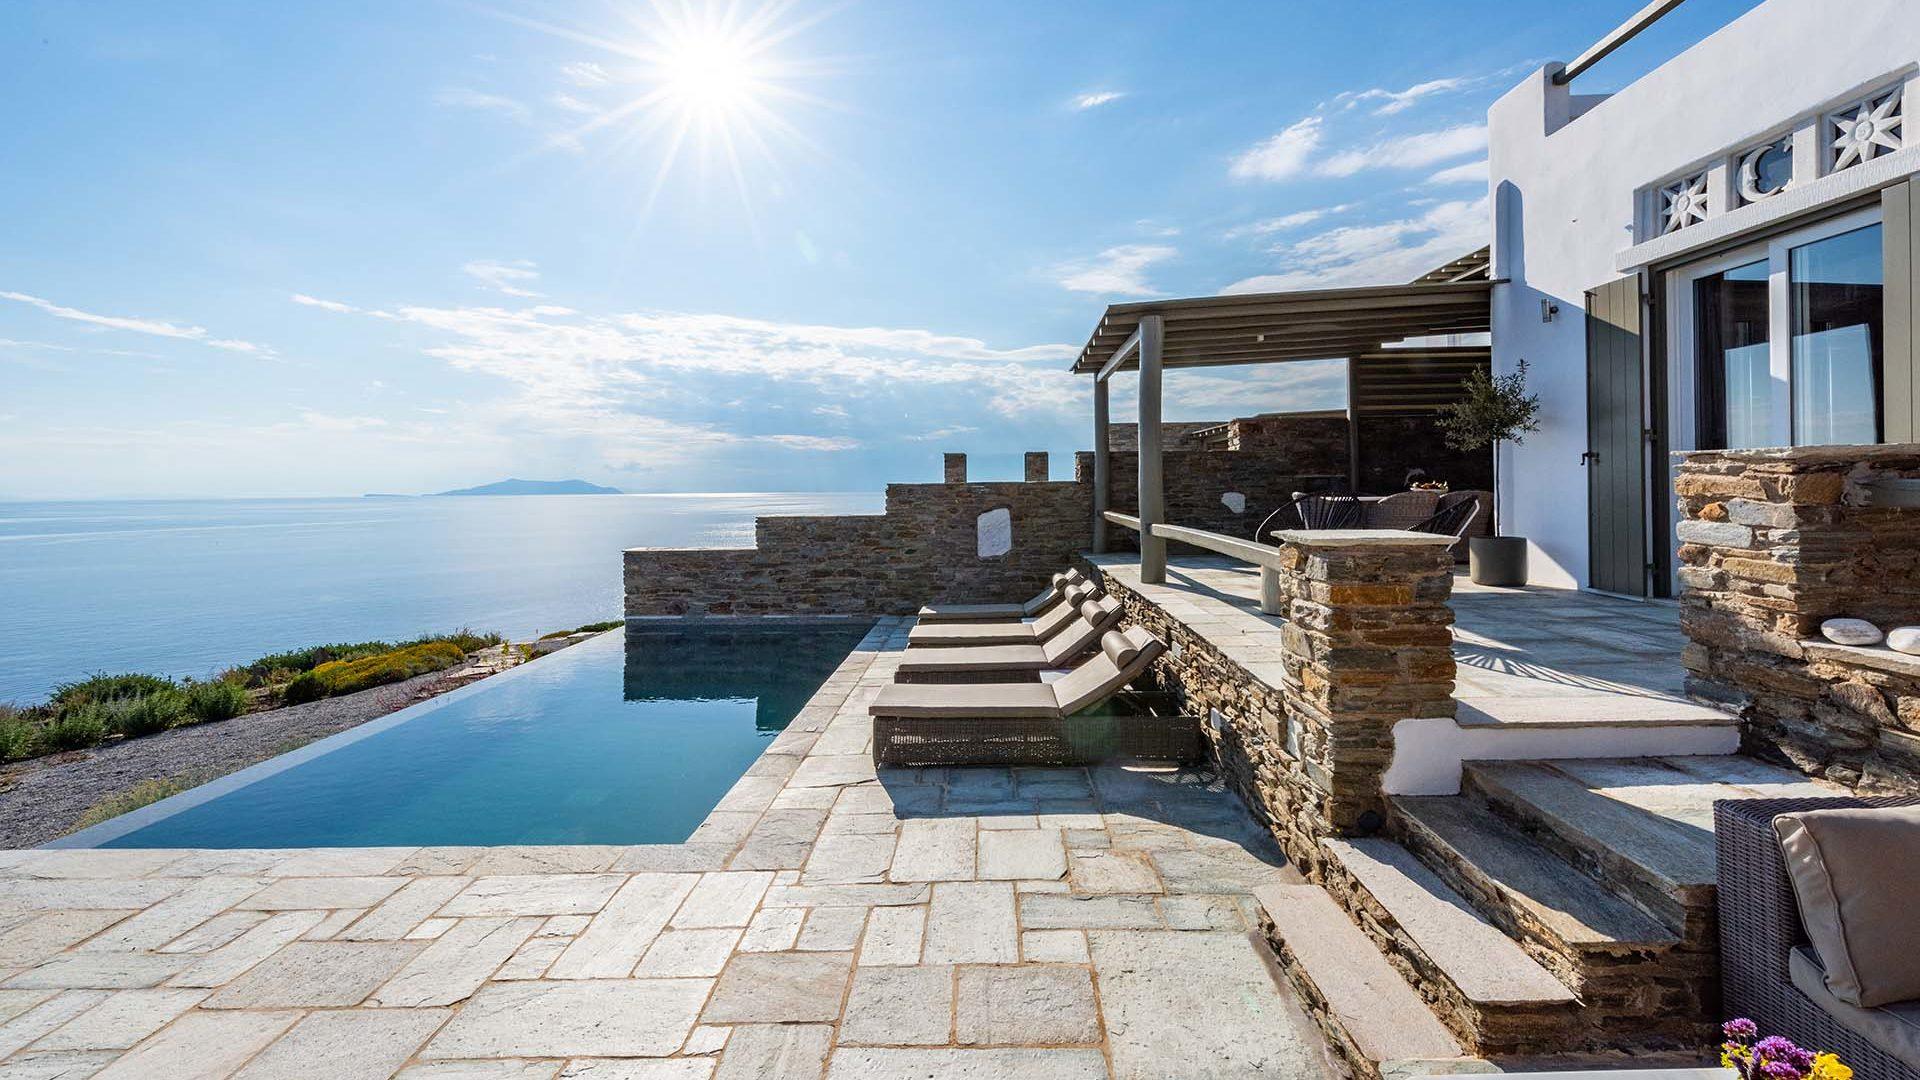 Πολυτελείς Βίλες στην Τήνο με Πισίνα | Vathi Bleu Private Villas